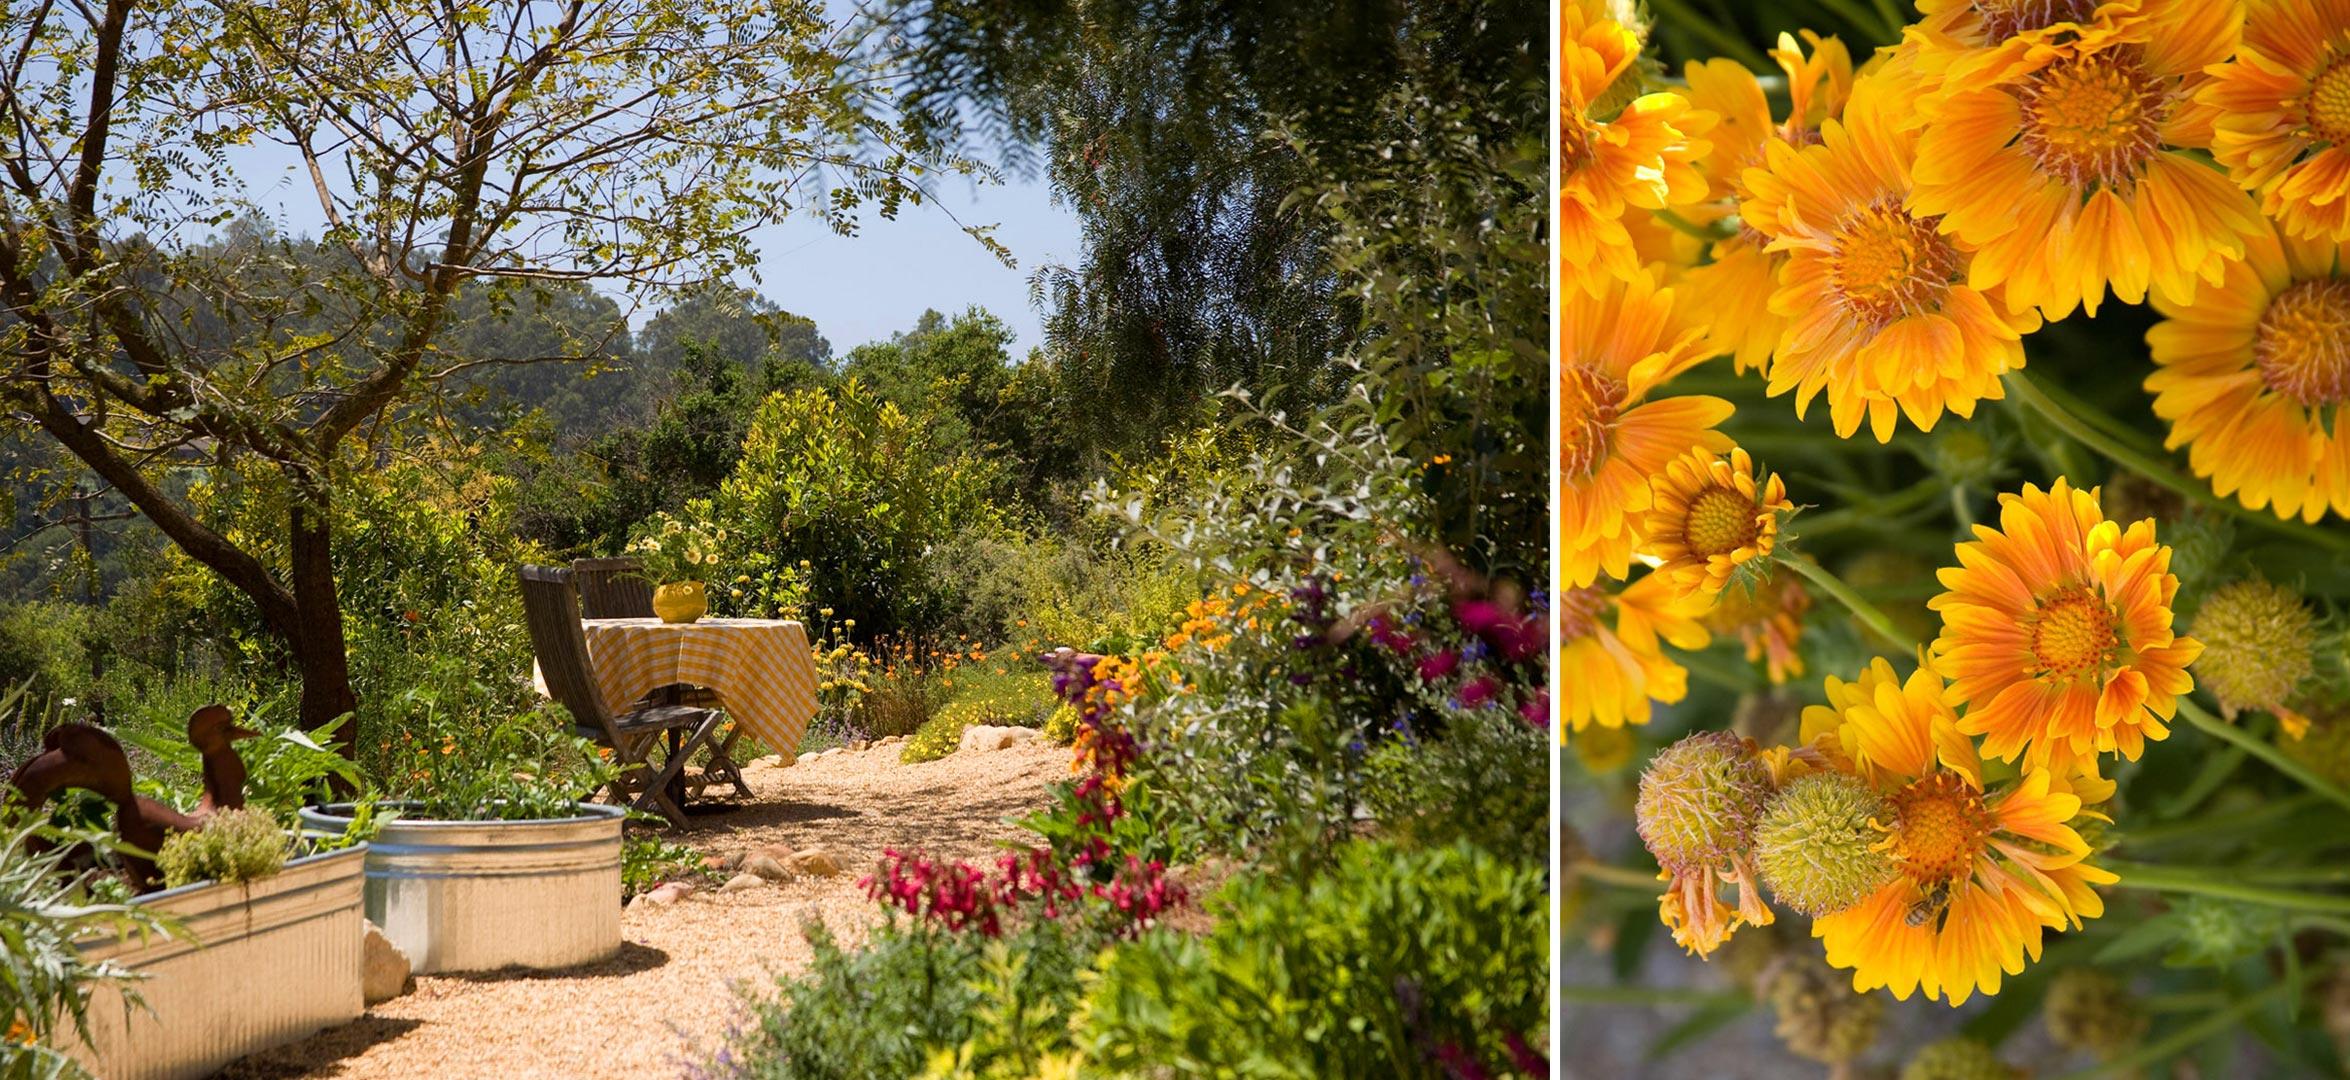 3-gravel-path-daisies.jpg